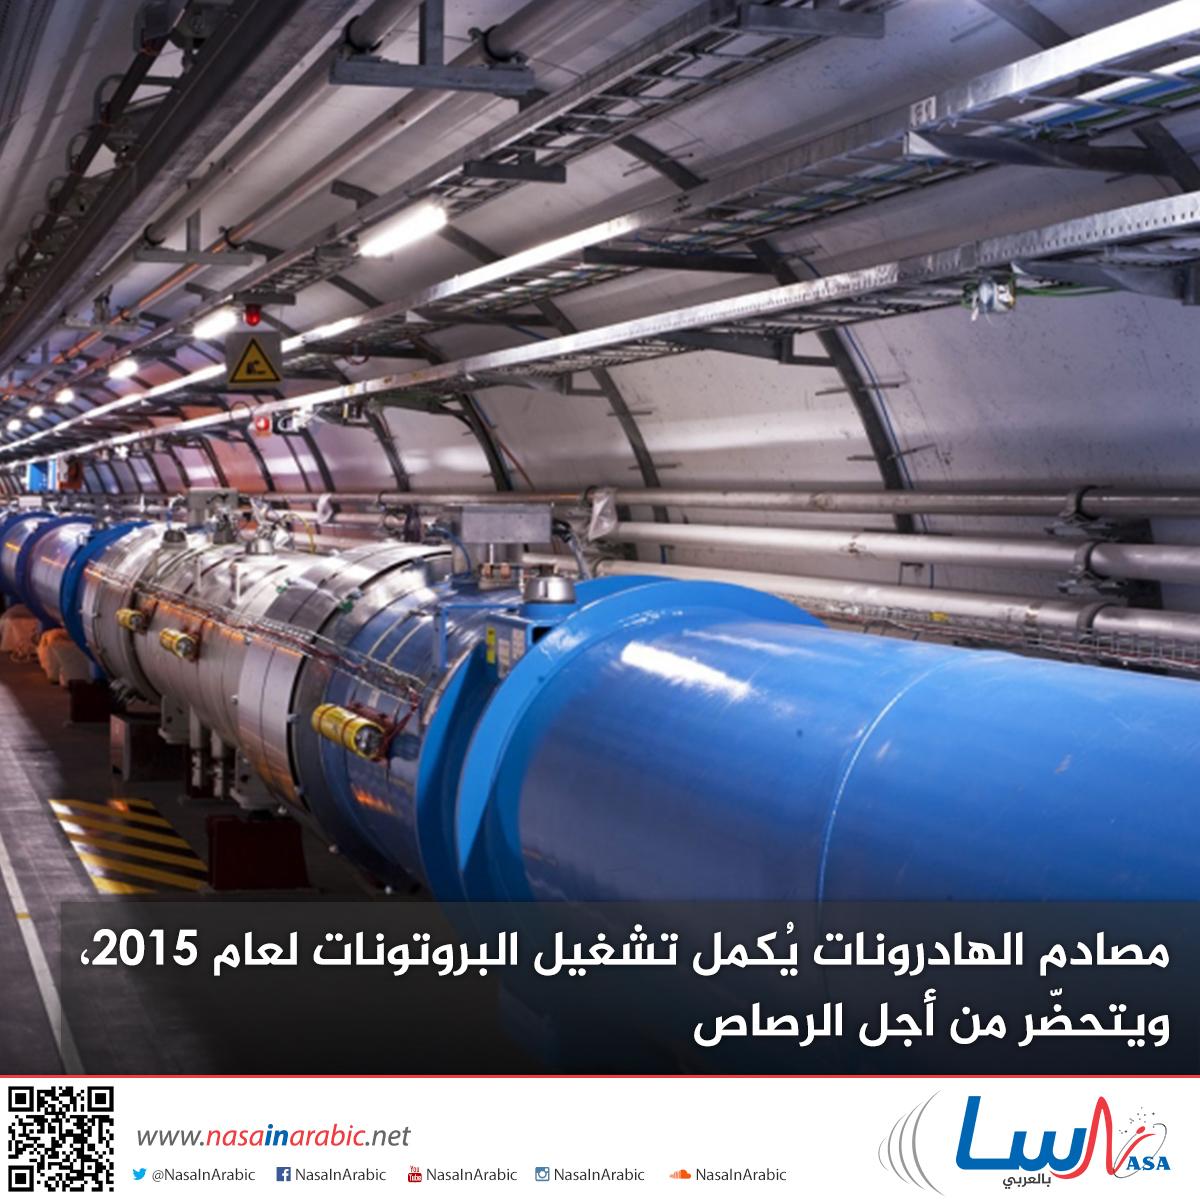 مصادم الهادرونات يُكمل تشغيل البروتونات لعام 2015، ويتحضّر من أجل الرصاص